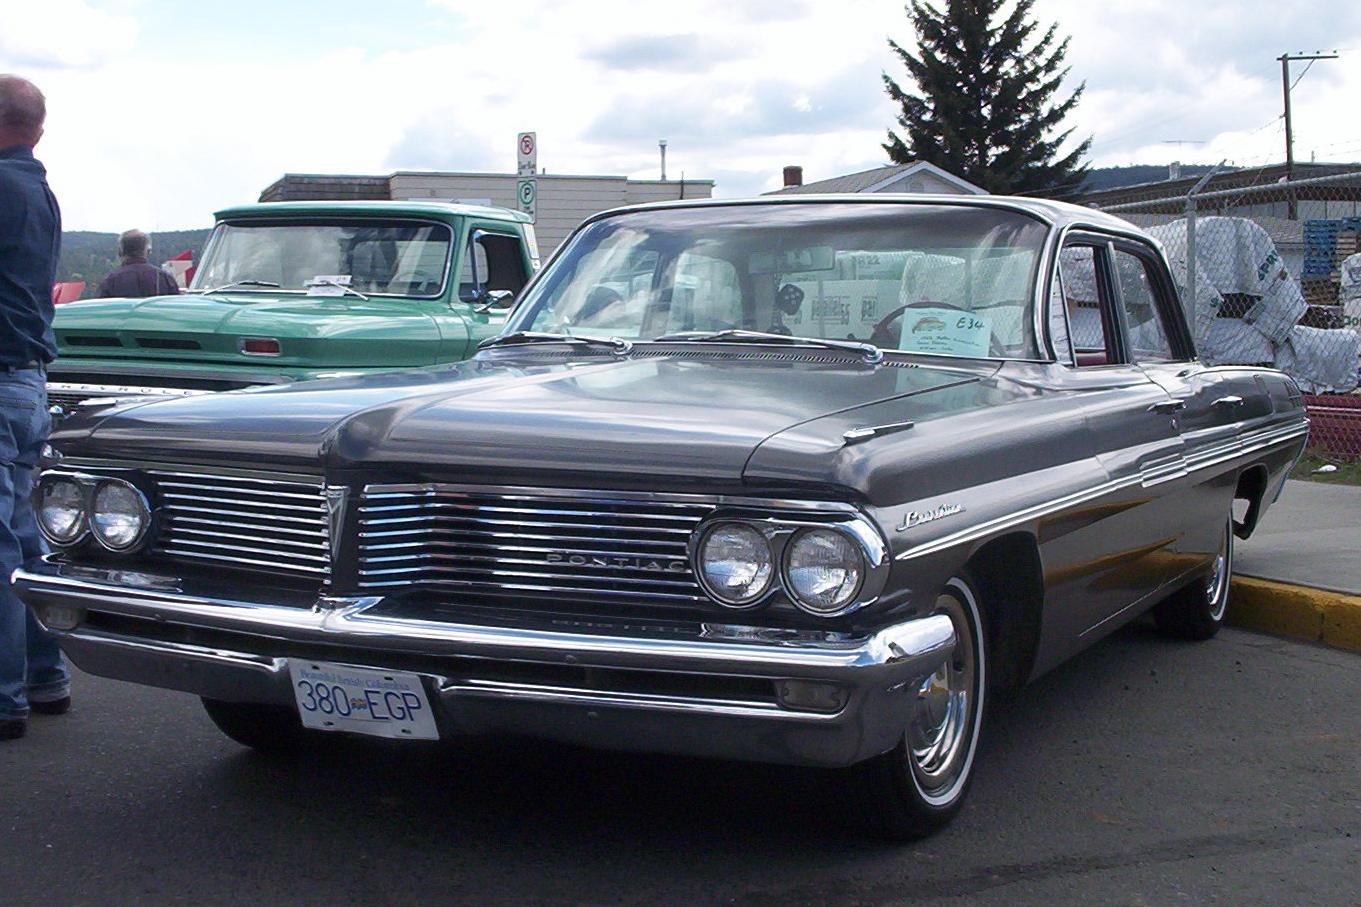 1962 Pontiac Laurentian Exterior Pictures Cargurus